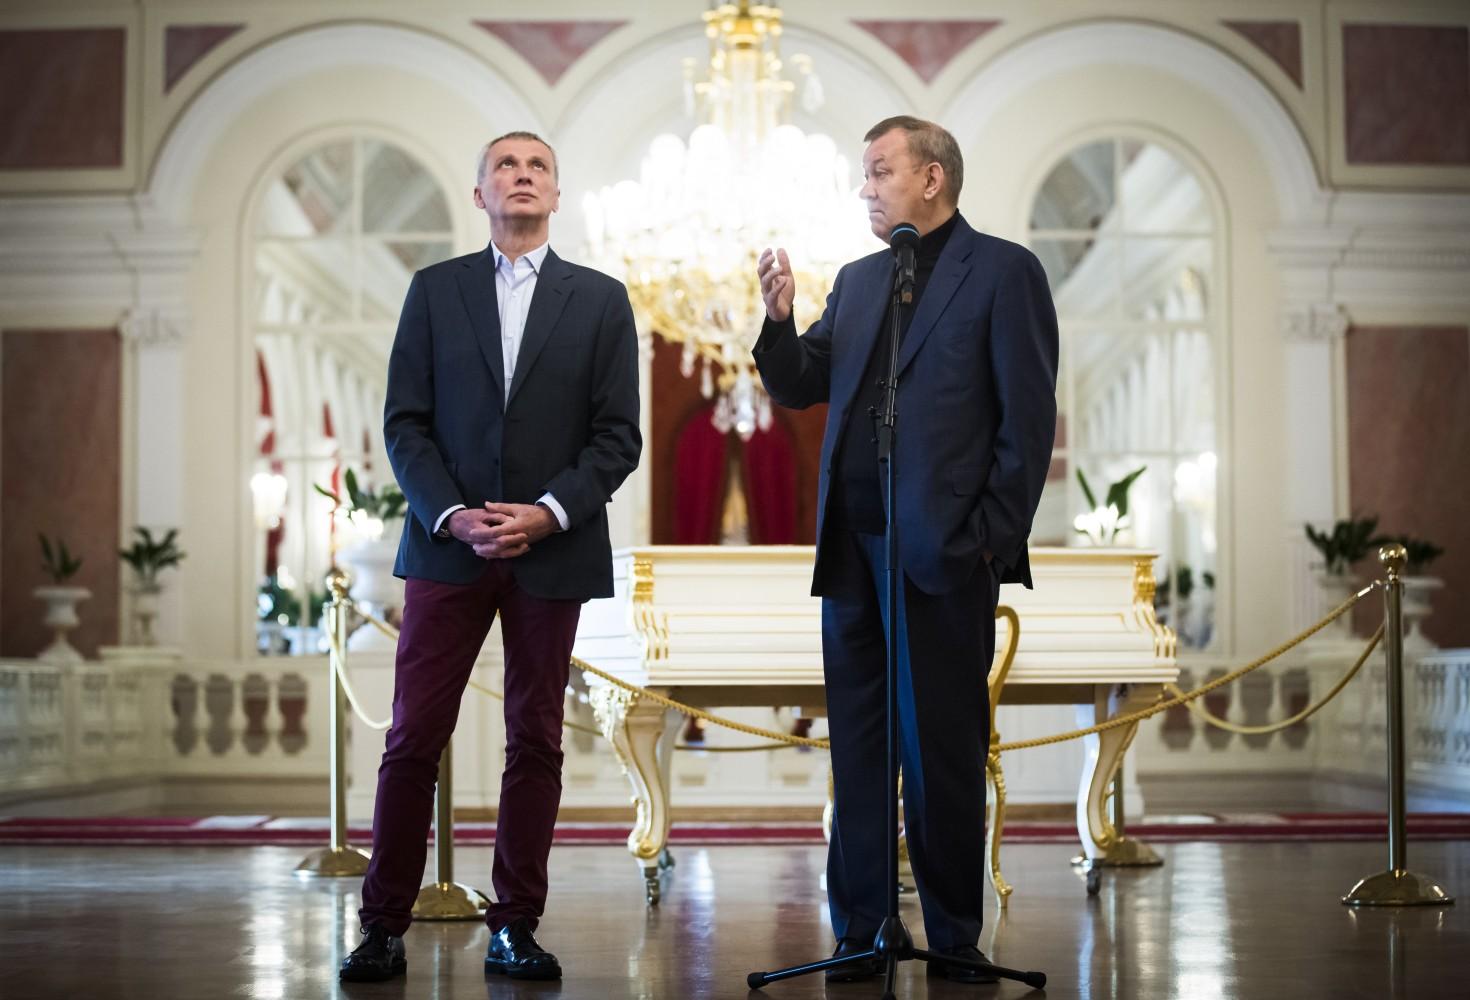 Bolshoi Ballet denies bowing to censorship over canceled Rudolf Nureyev show